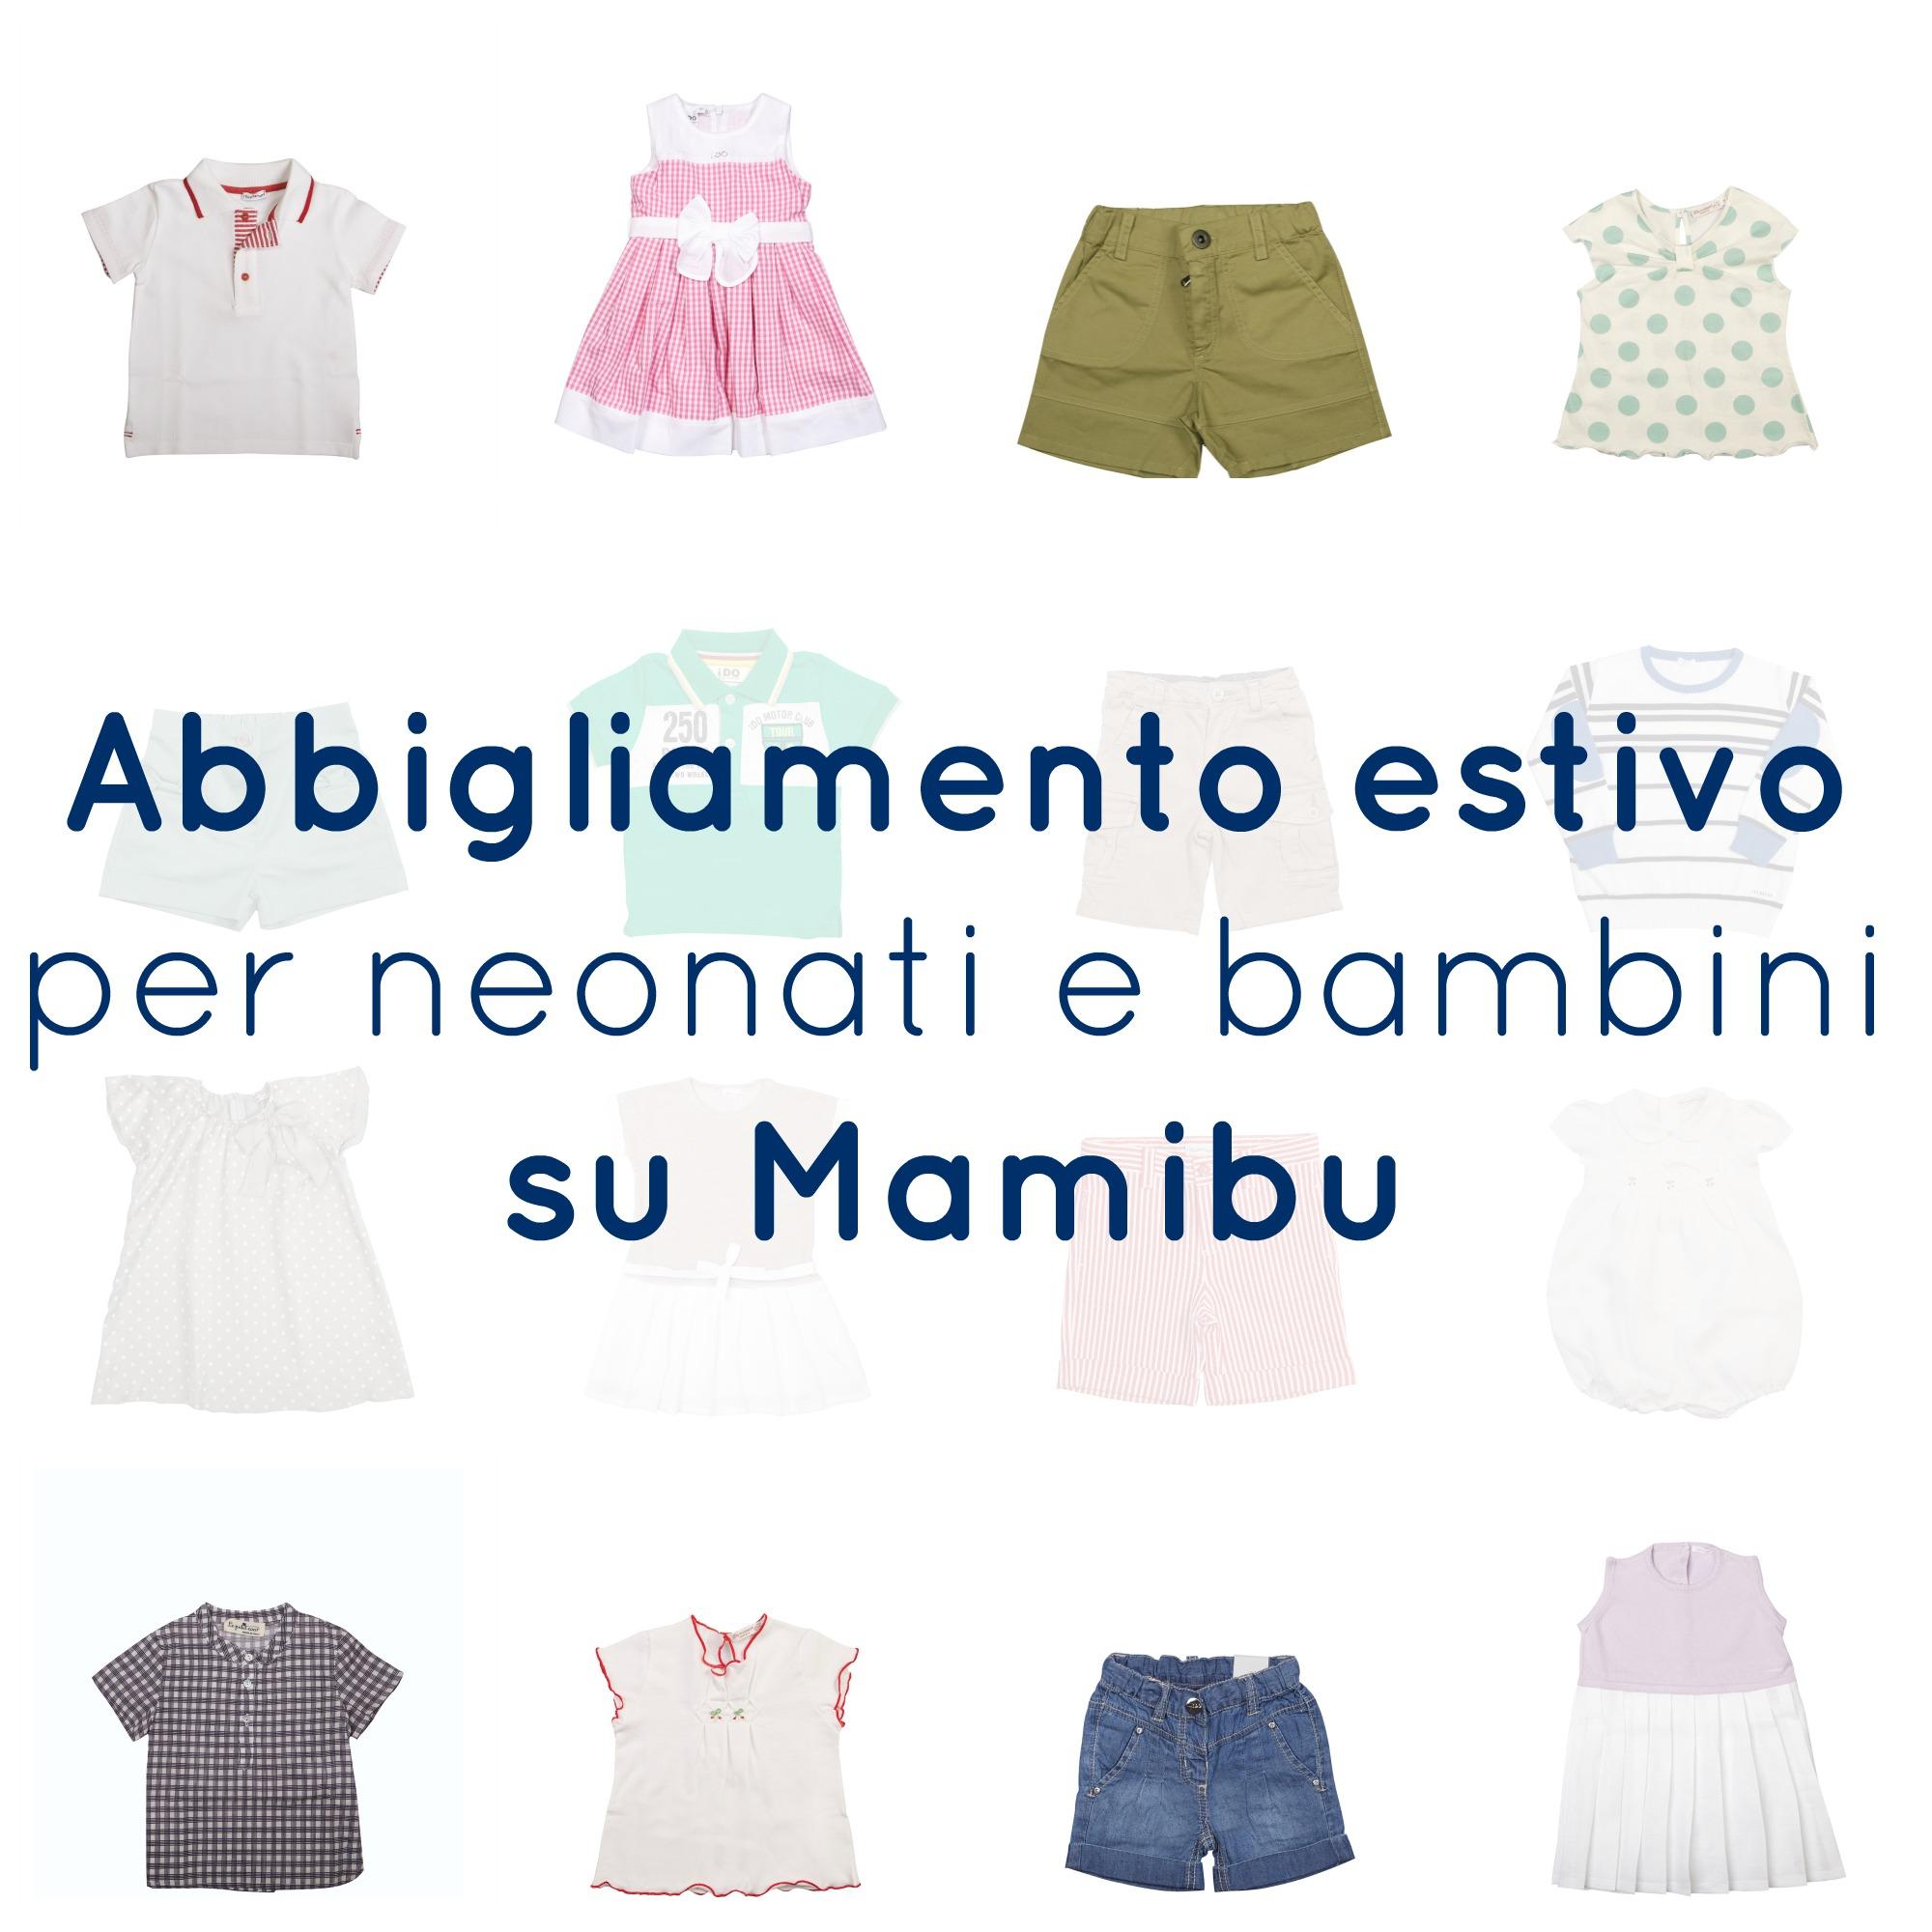 Abbigliamento estivo per neonati e bambini su Mamibu - BabyGreen 6499ac94fc3